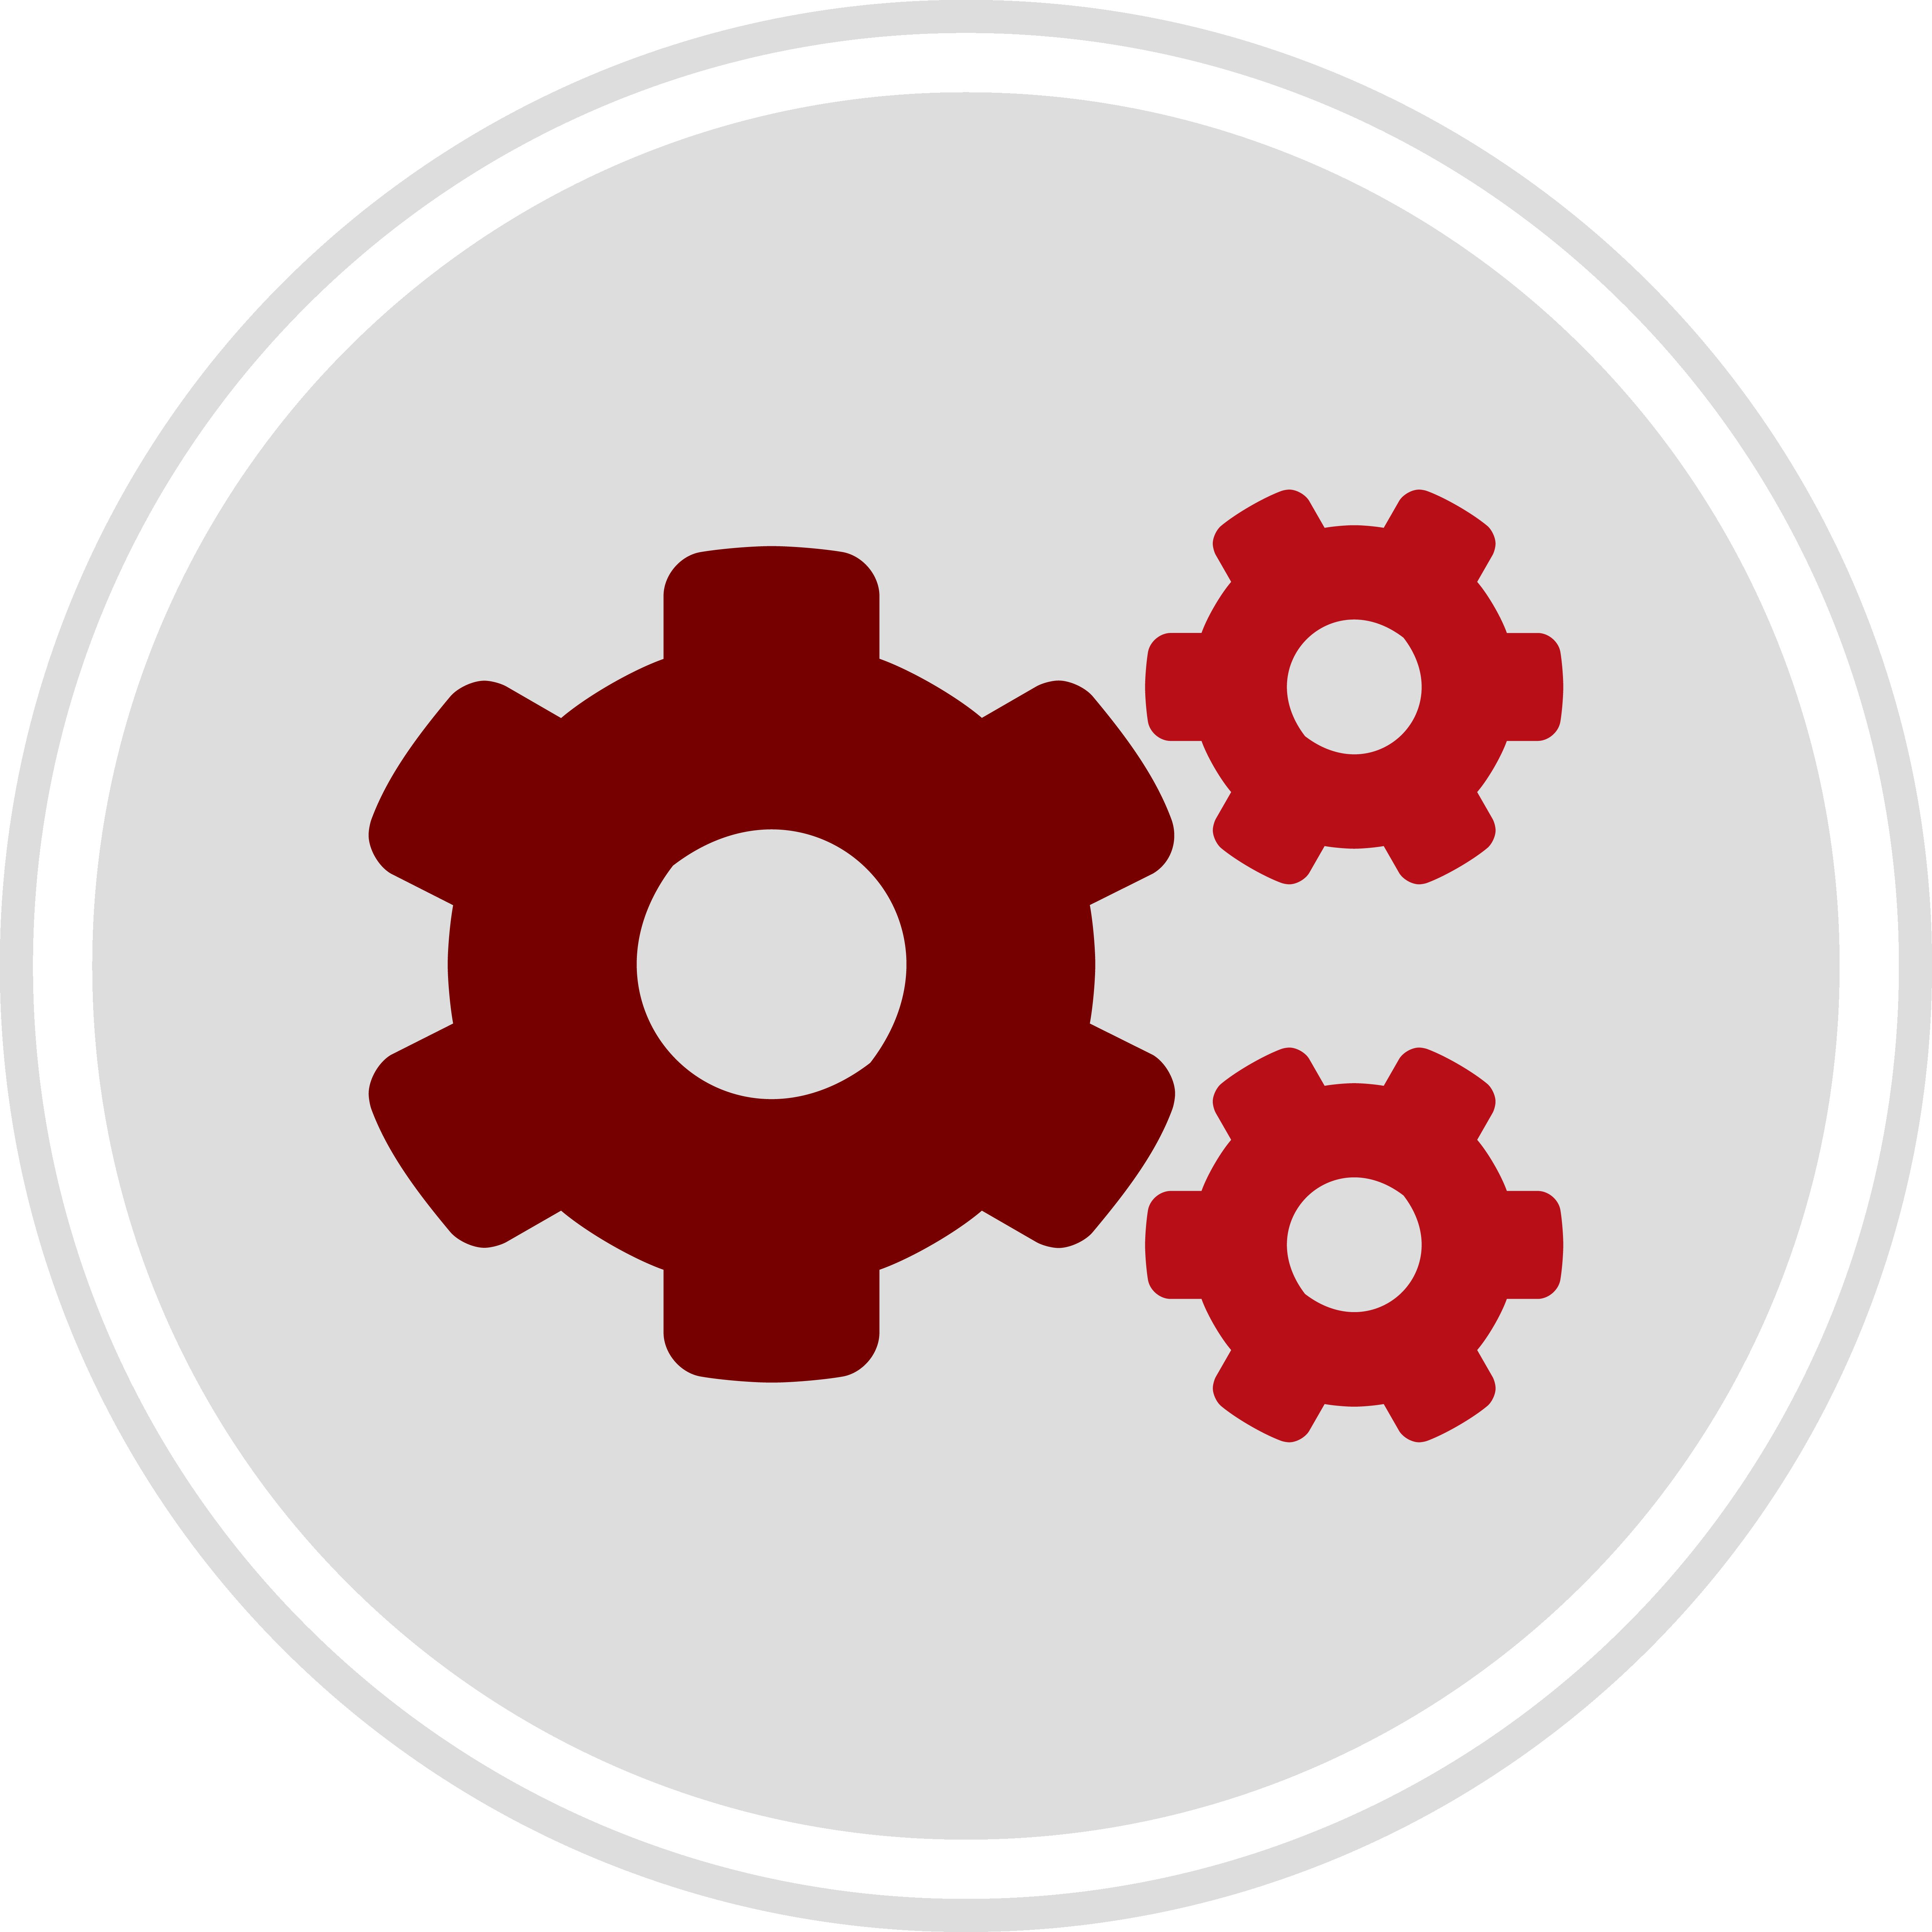 SUAP - Informazioni generali e costi